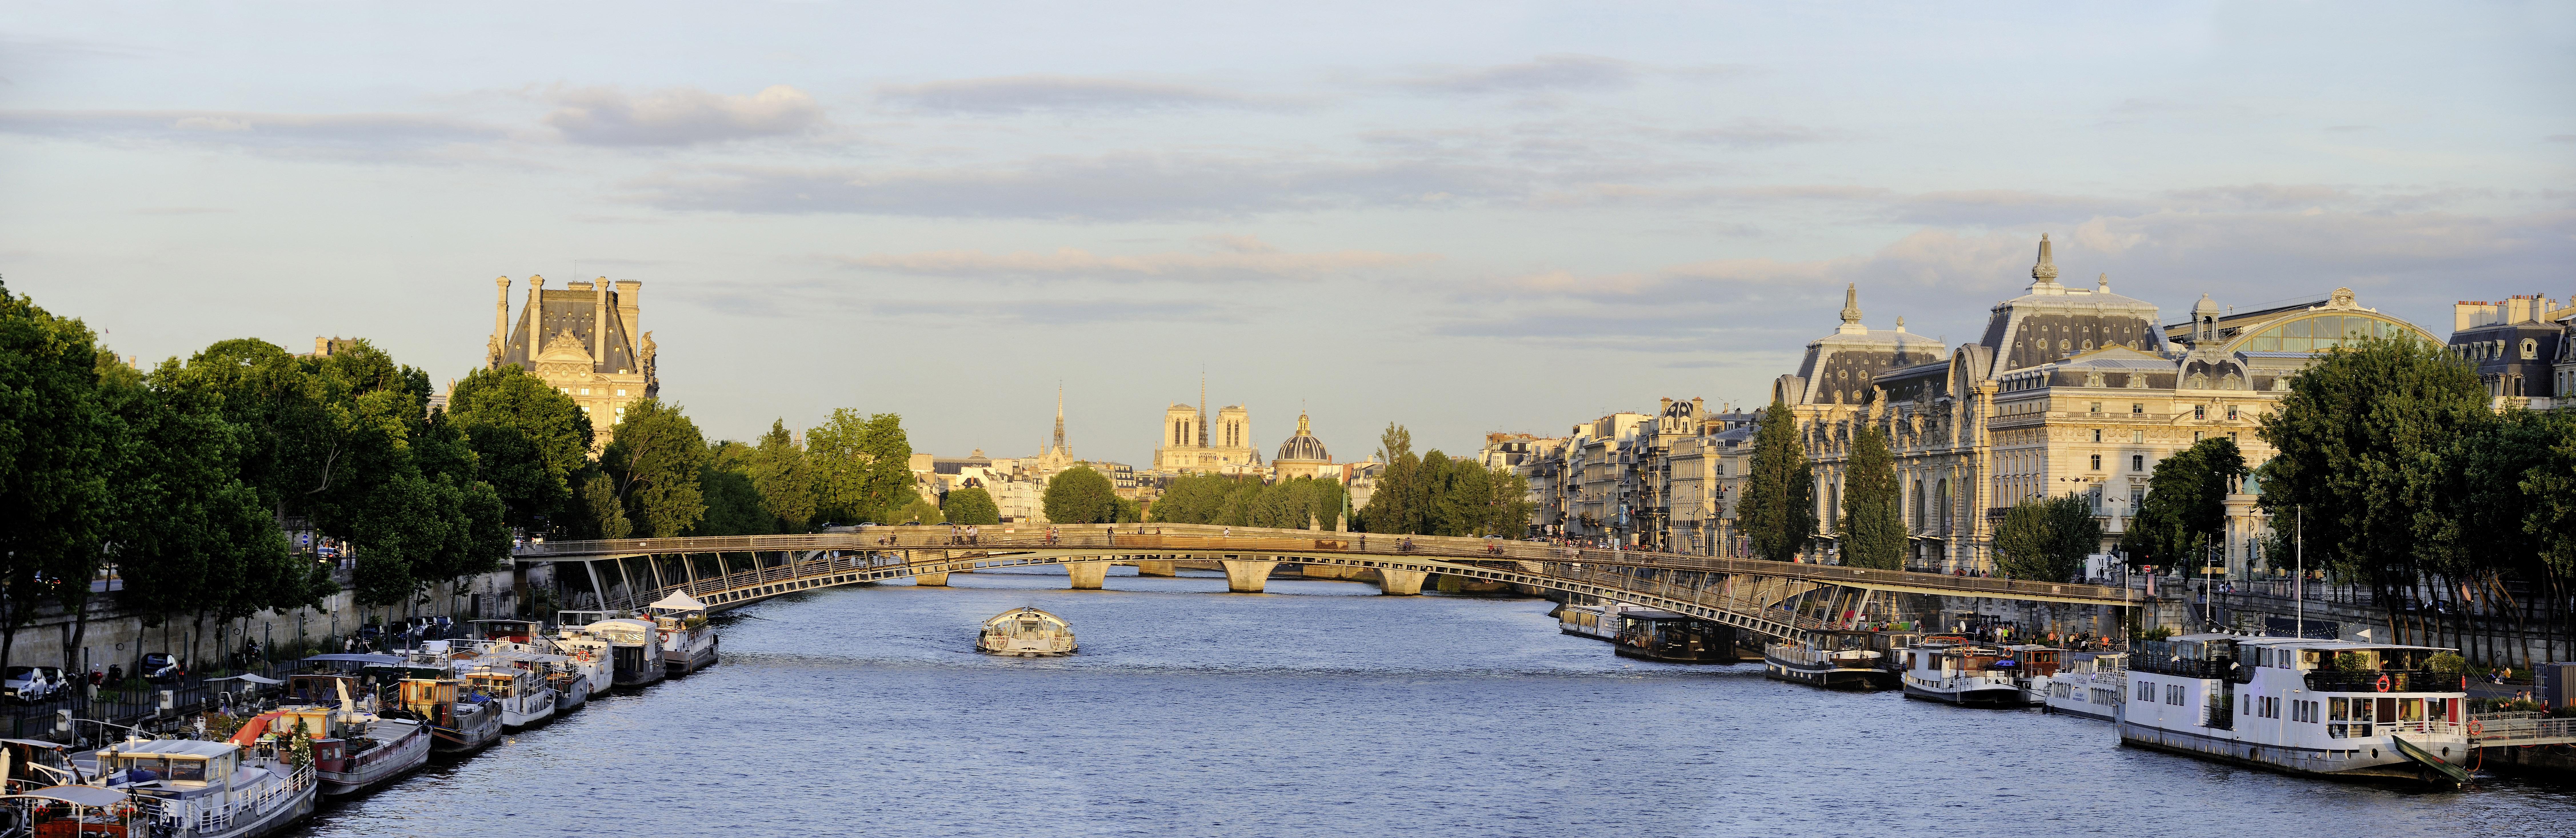 Jarry-Tripelon %252F CRT Paris Ile-de-France Batobus sur la Seine%252C Le Louvre et Notre-Dame en fond%252C Paris.